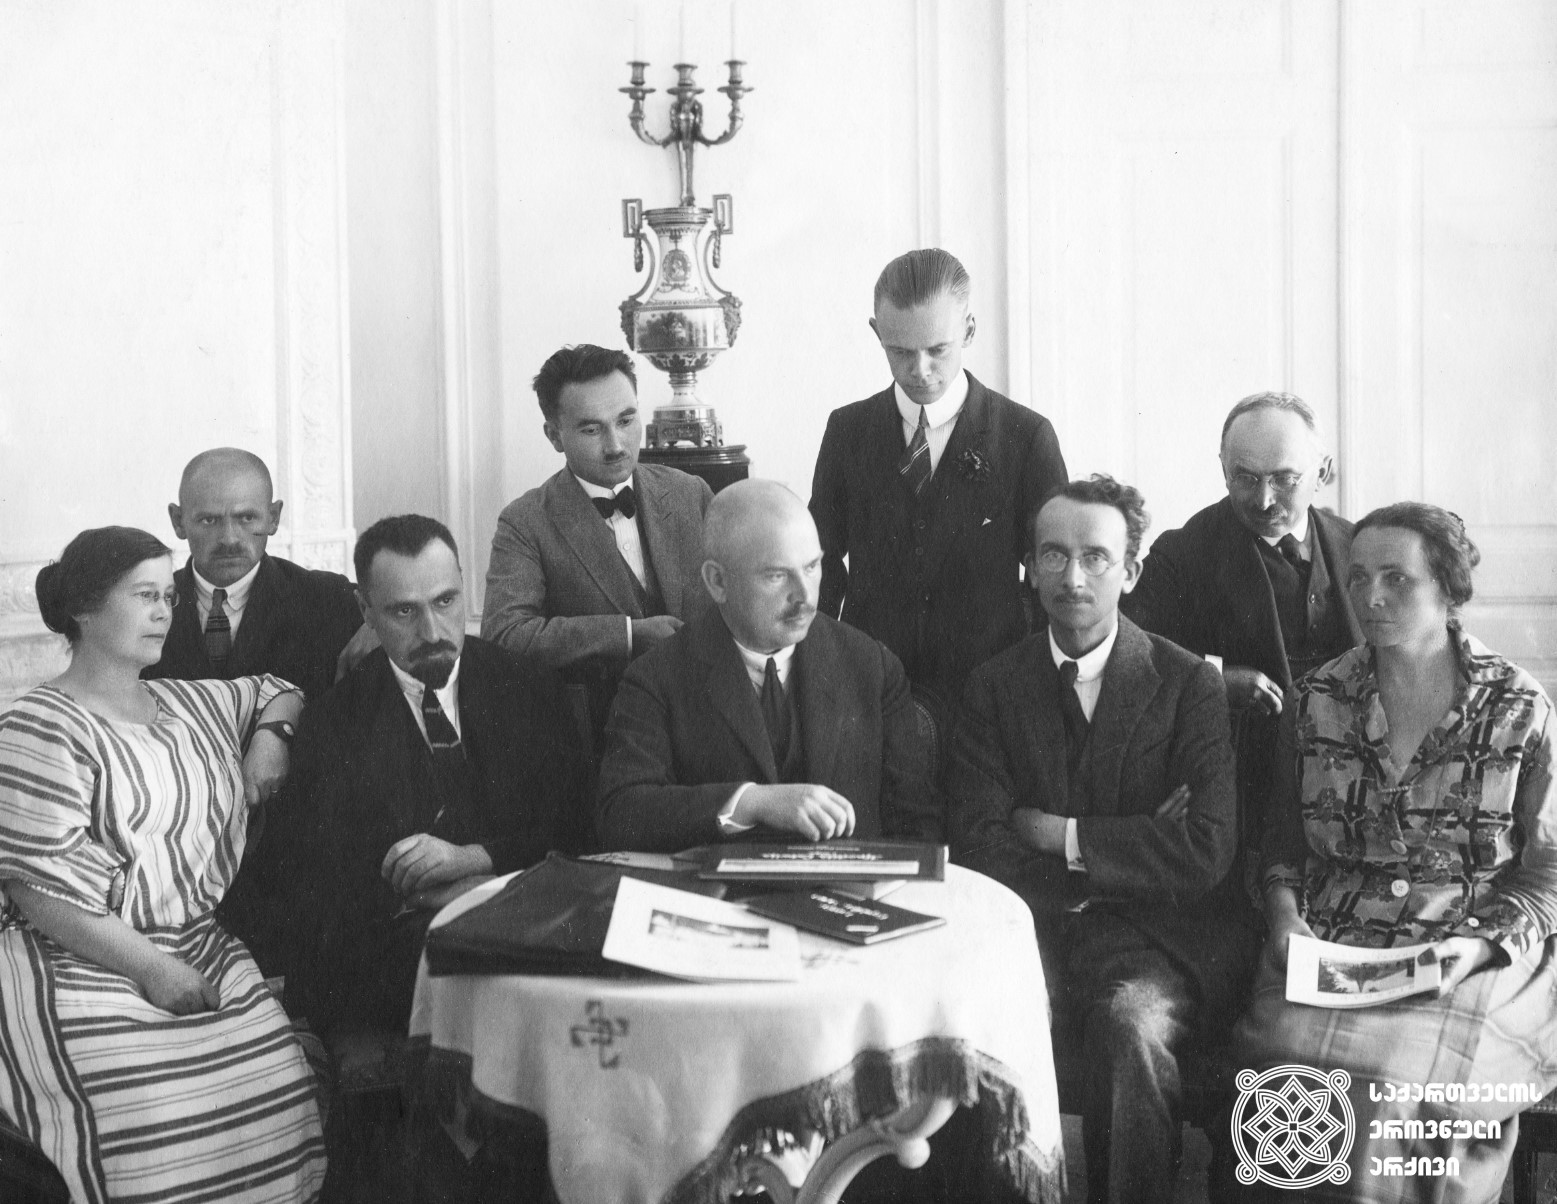 ირაკლი წერეთელი (ზის მეორე) და ბელგიის სოციალისტური პარტიის ლიდერი და მეორე ინტერნაციონალის ბიუროს გენერალური მდივანი კამილ ჰიუსმანსი (ზის მეოთხე) უცხოელ პოლიტიკოსებს შორის. <br> [1920 წელი].<br> ფოტო დაცულია ბელგიის სოციალური ისტორიის ინსტიტუტში. <br> Irakli Tsereteli (the second one sitting) and the leader of the Belgian Socialistic Party and the Secretary General of the Bureau of the Second International Camille Huysmans (the fourth one sitting) among foreign politicians. <br> [1920]. <br> Photo preserved at the Institute of Social History of Belgium.<br>